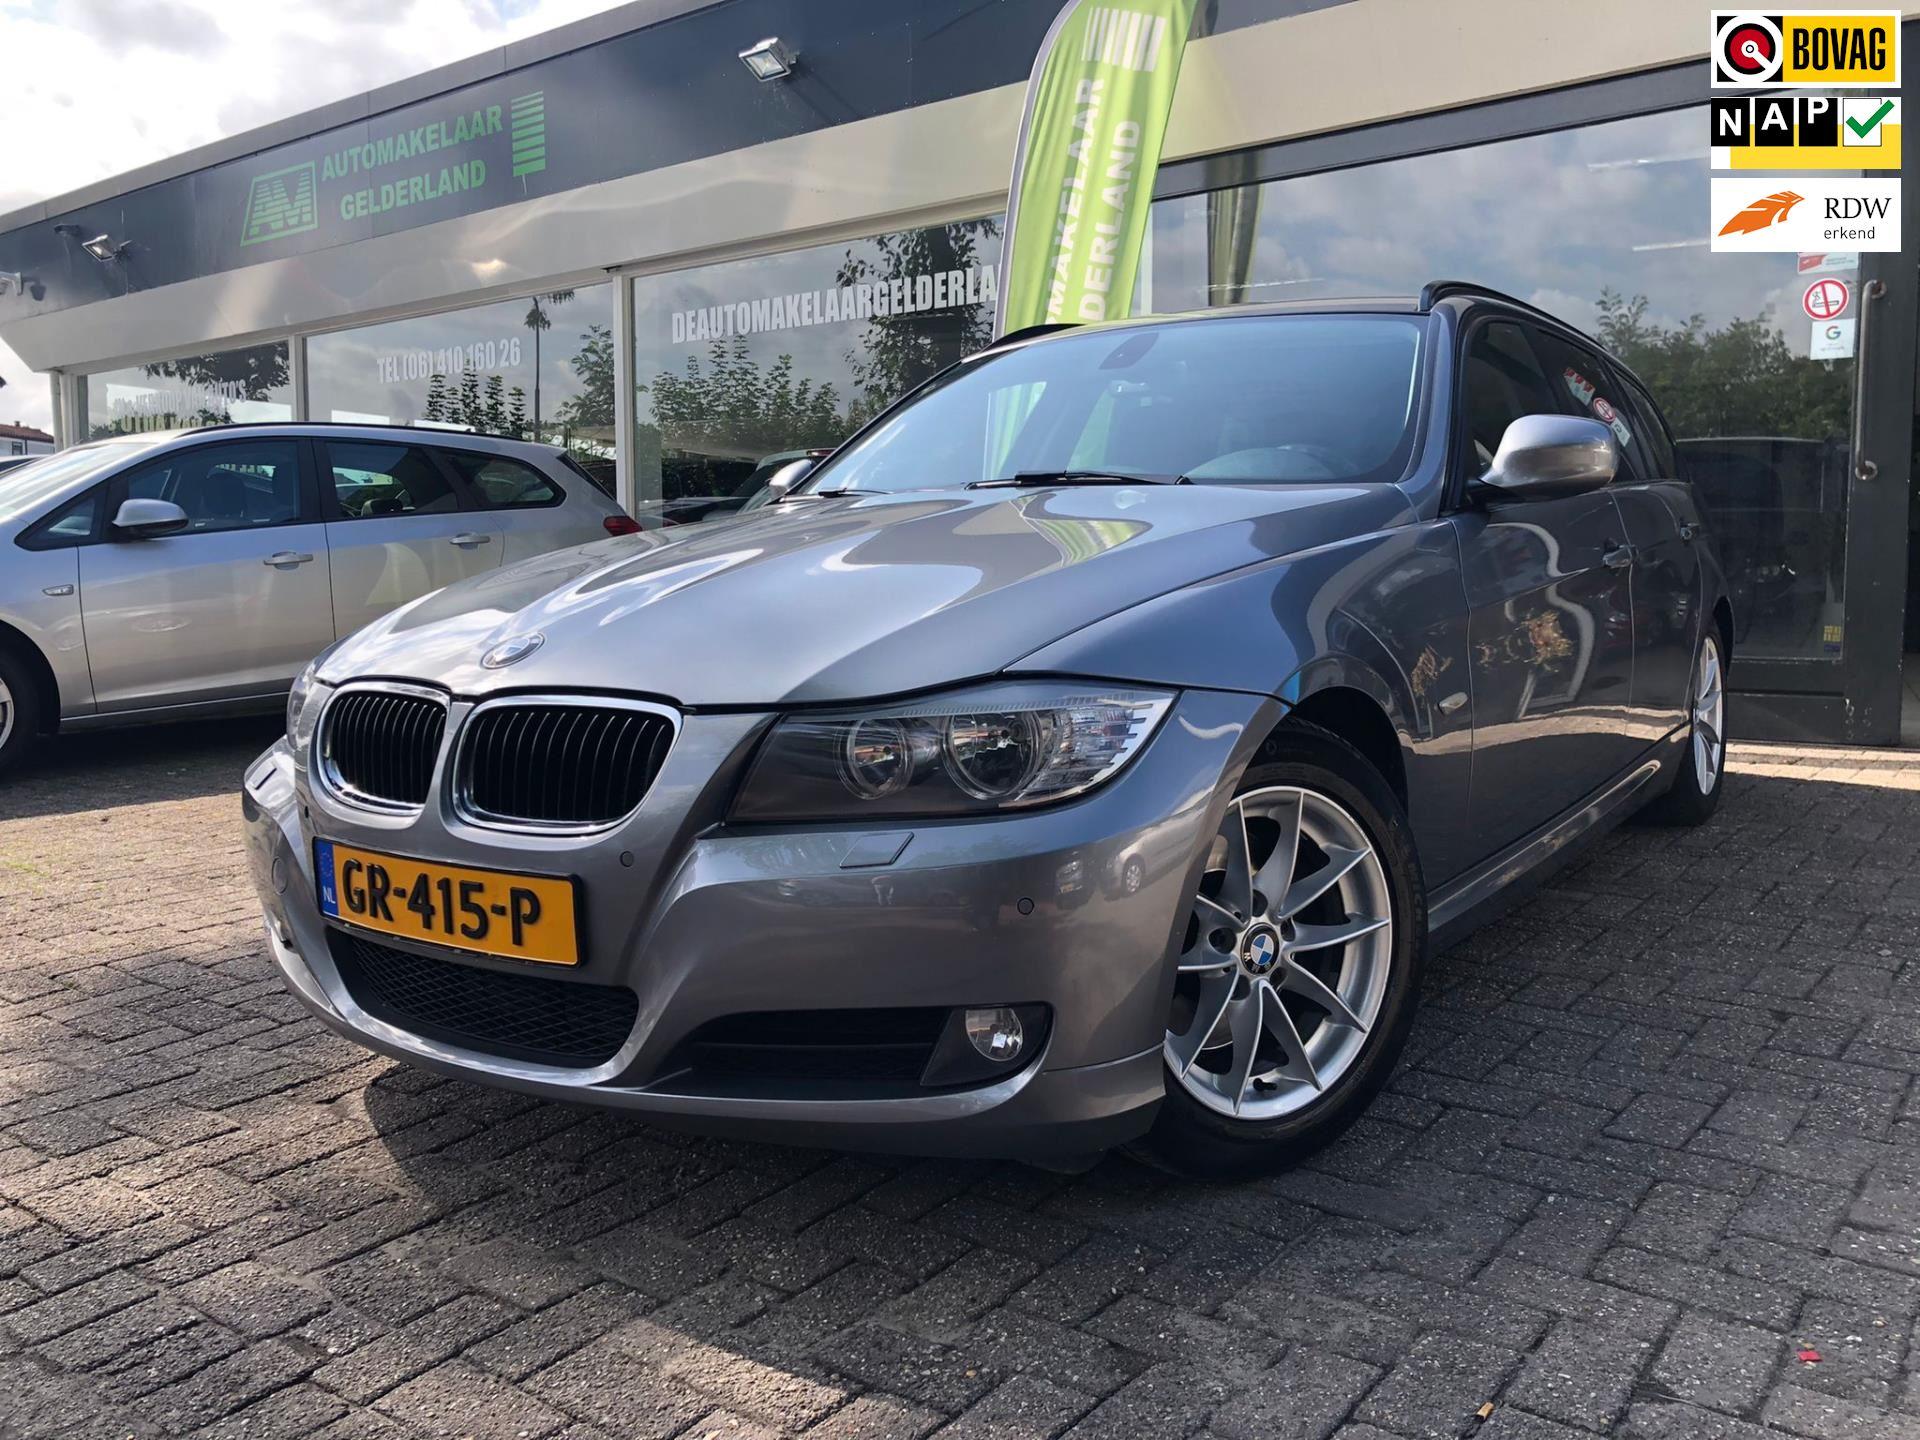 BMW 3-serie Touring occasion - De Automakelaar Gelderland